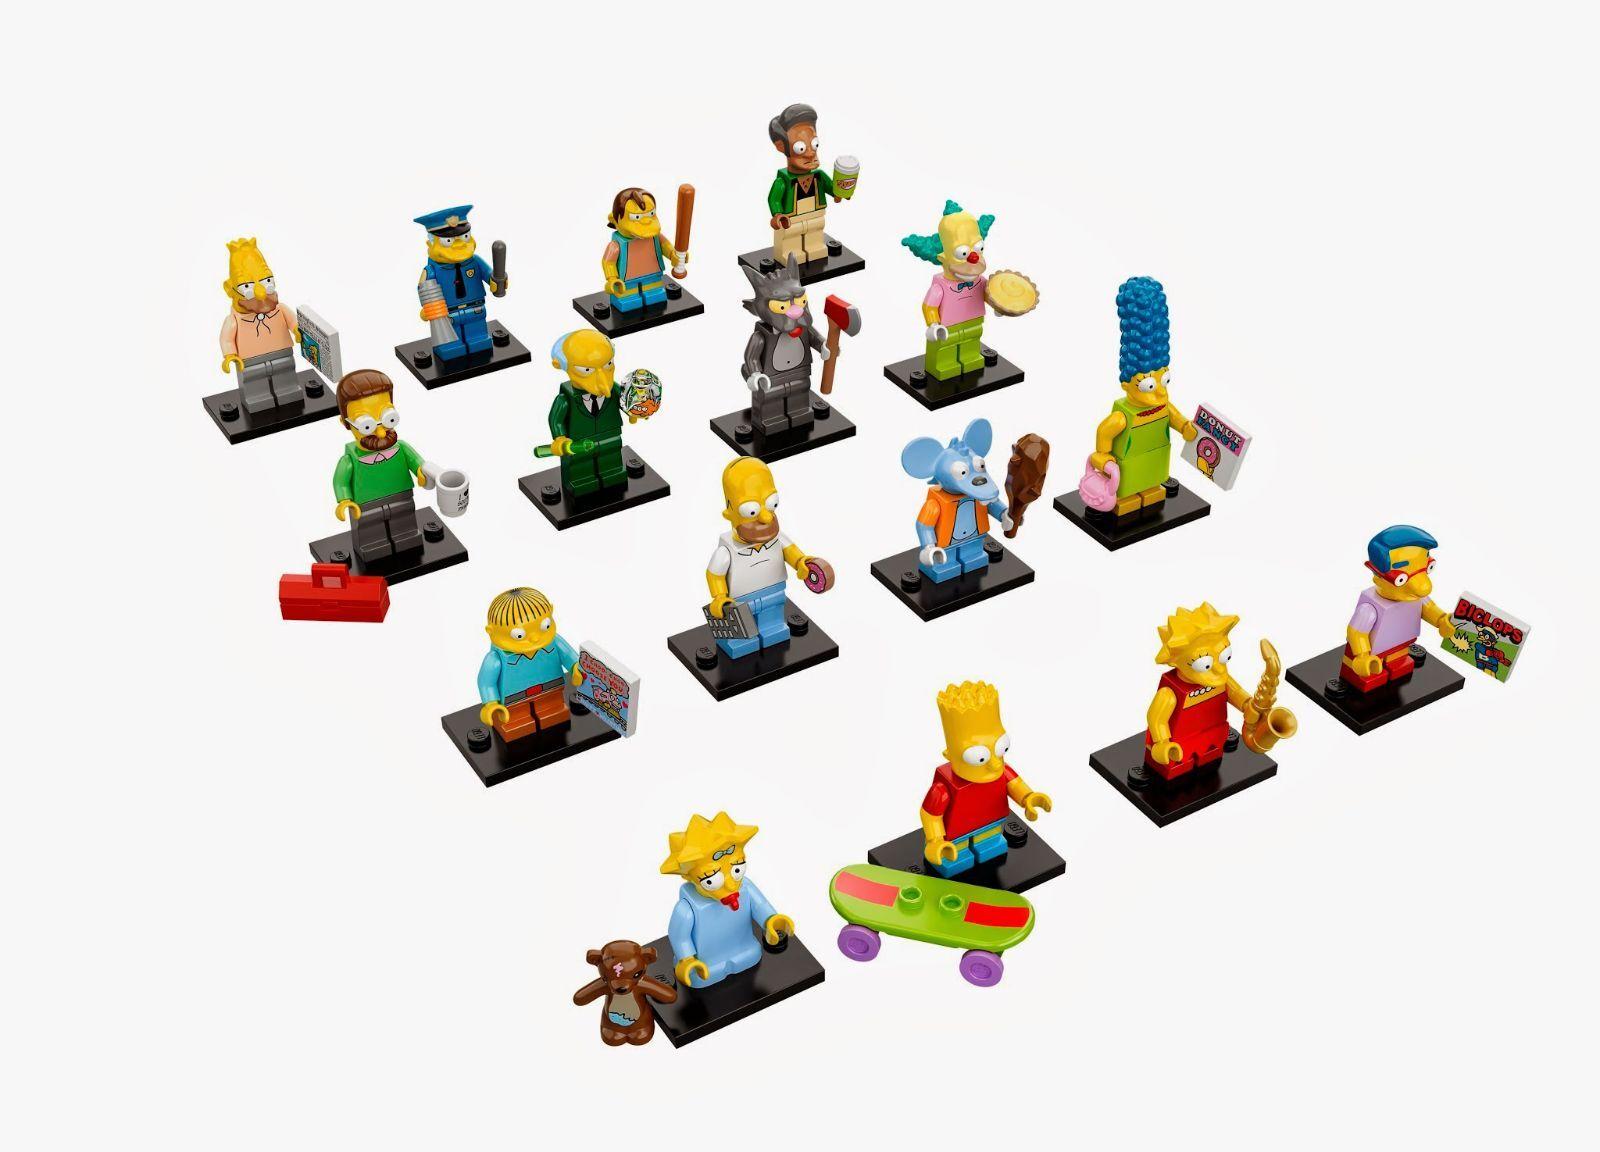 NEUF   16 JEUX LEGO 71005 version Série 13 complète  achats en ligne et magasin de mode